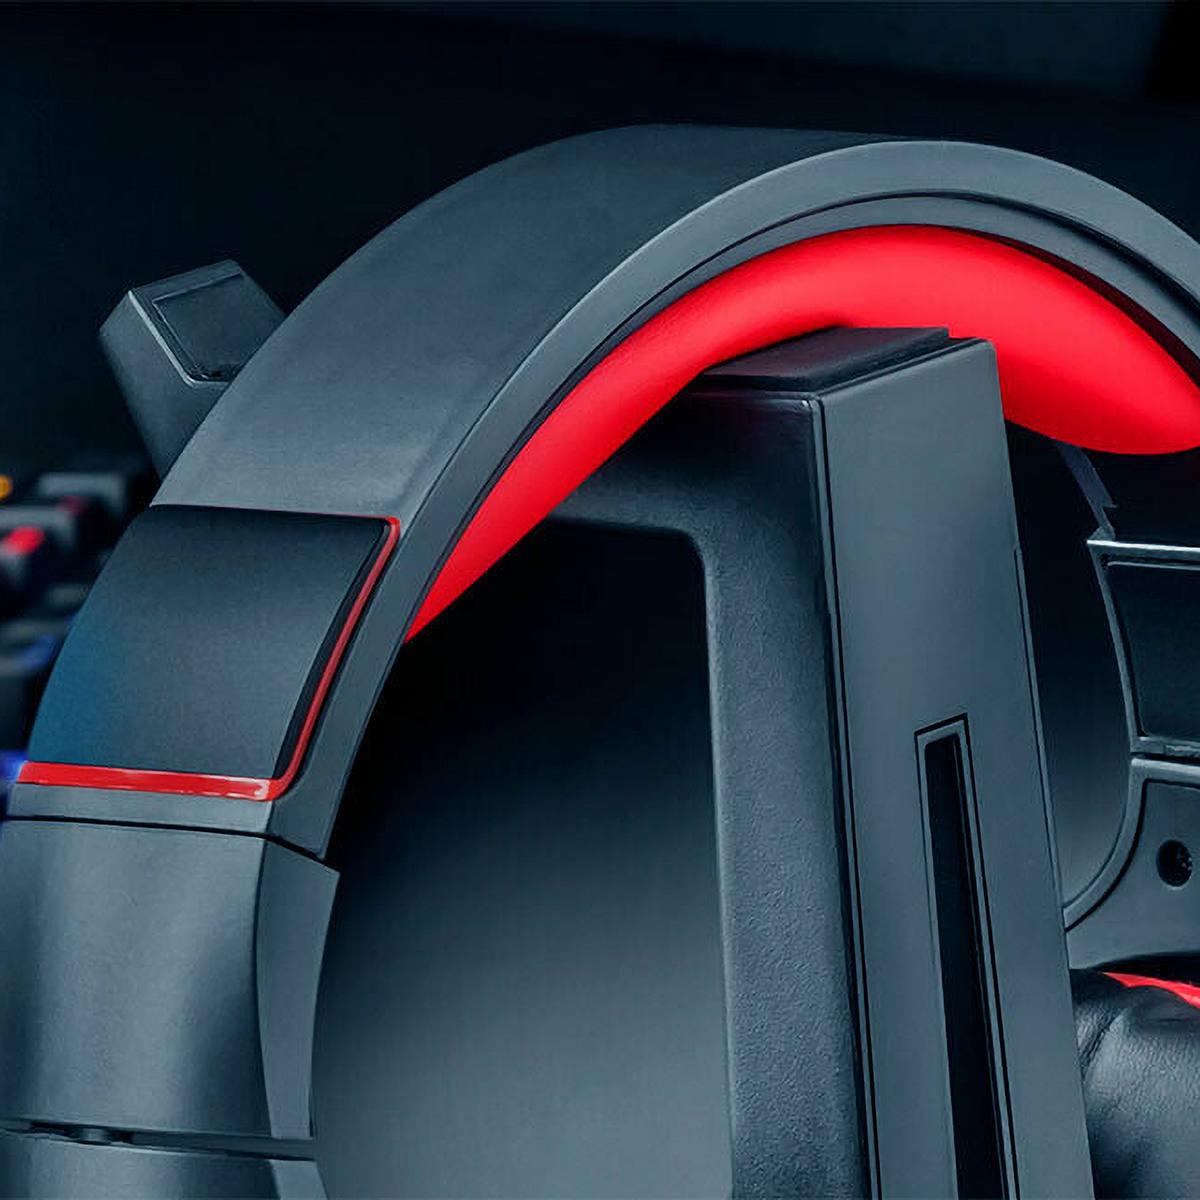 Suporte para Fone de Ouvido de até 24cm Design Exclusivo Base Emborrachada Trust Cendor GXT 260